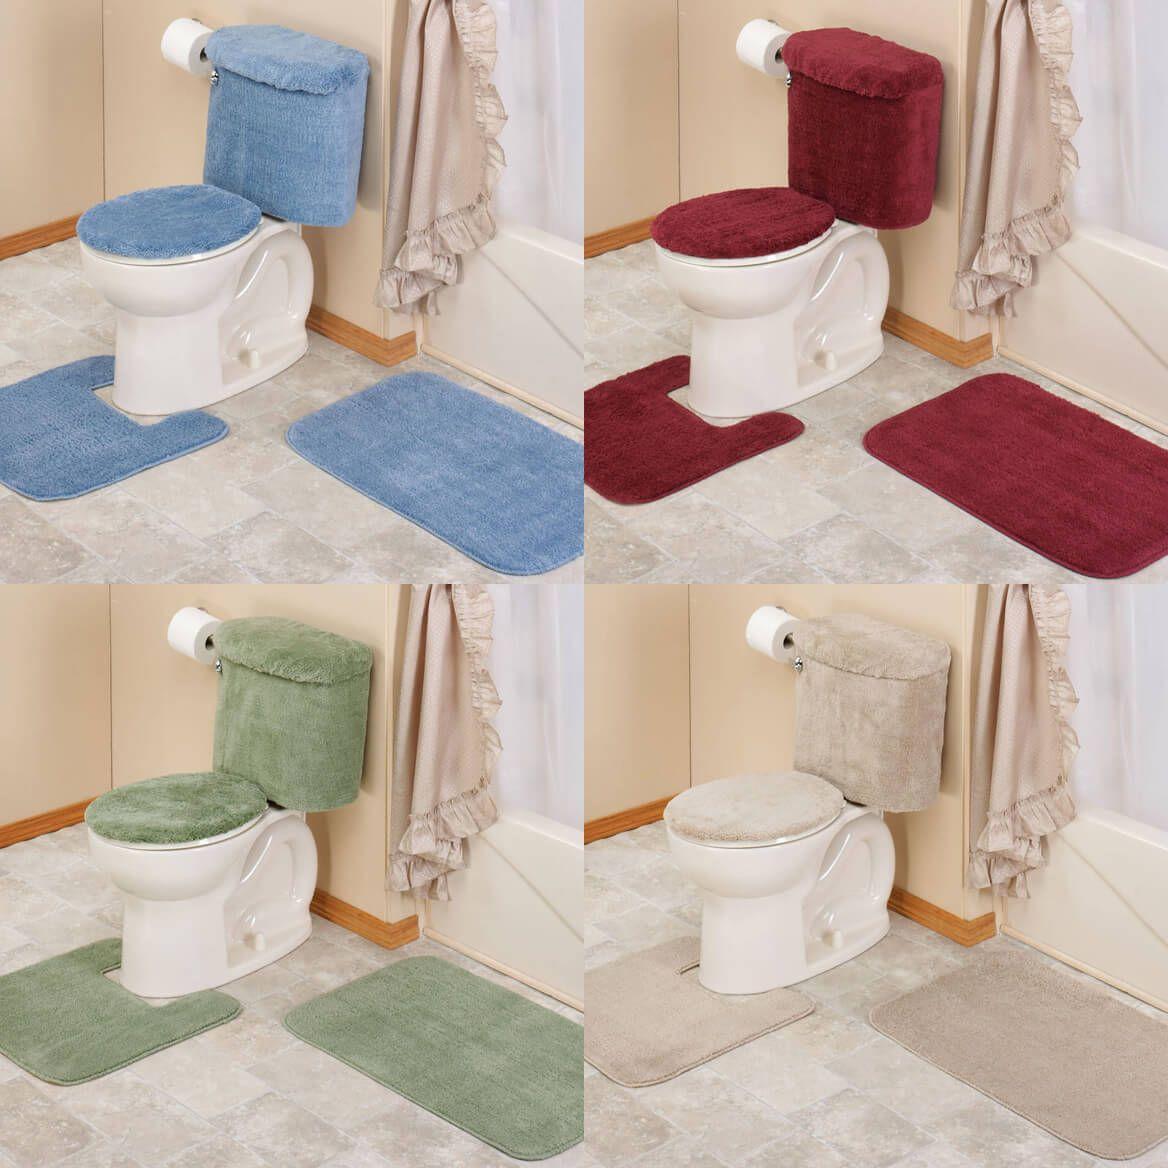 Five Piece Bathroom Set Rug, Five Piece Bathroom Rug Sets